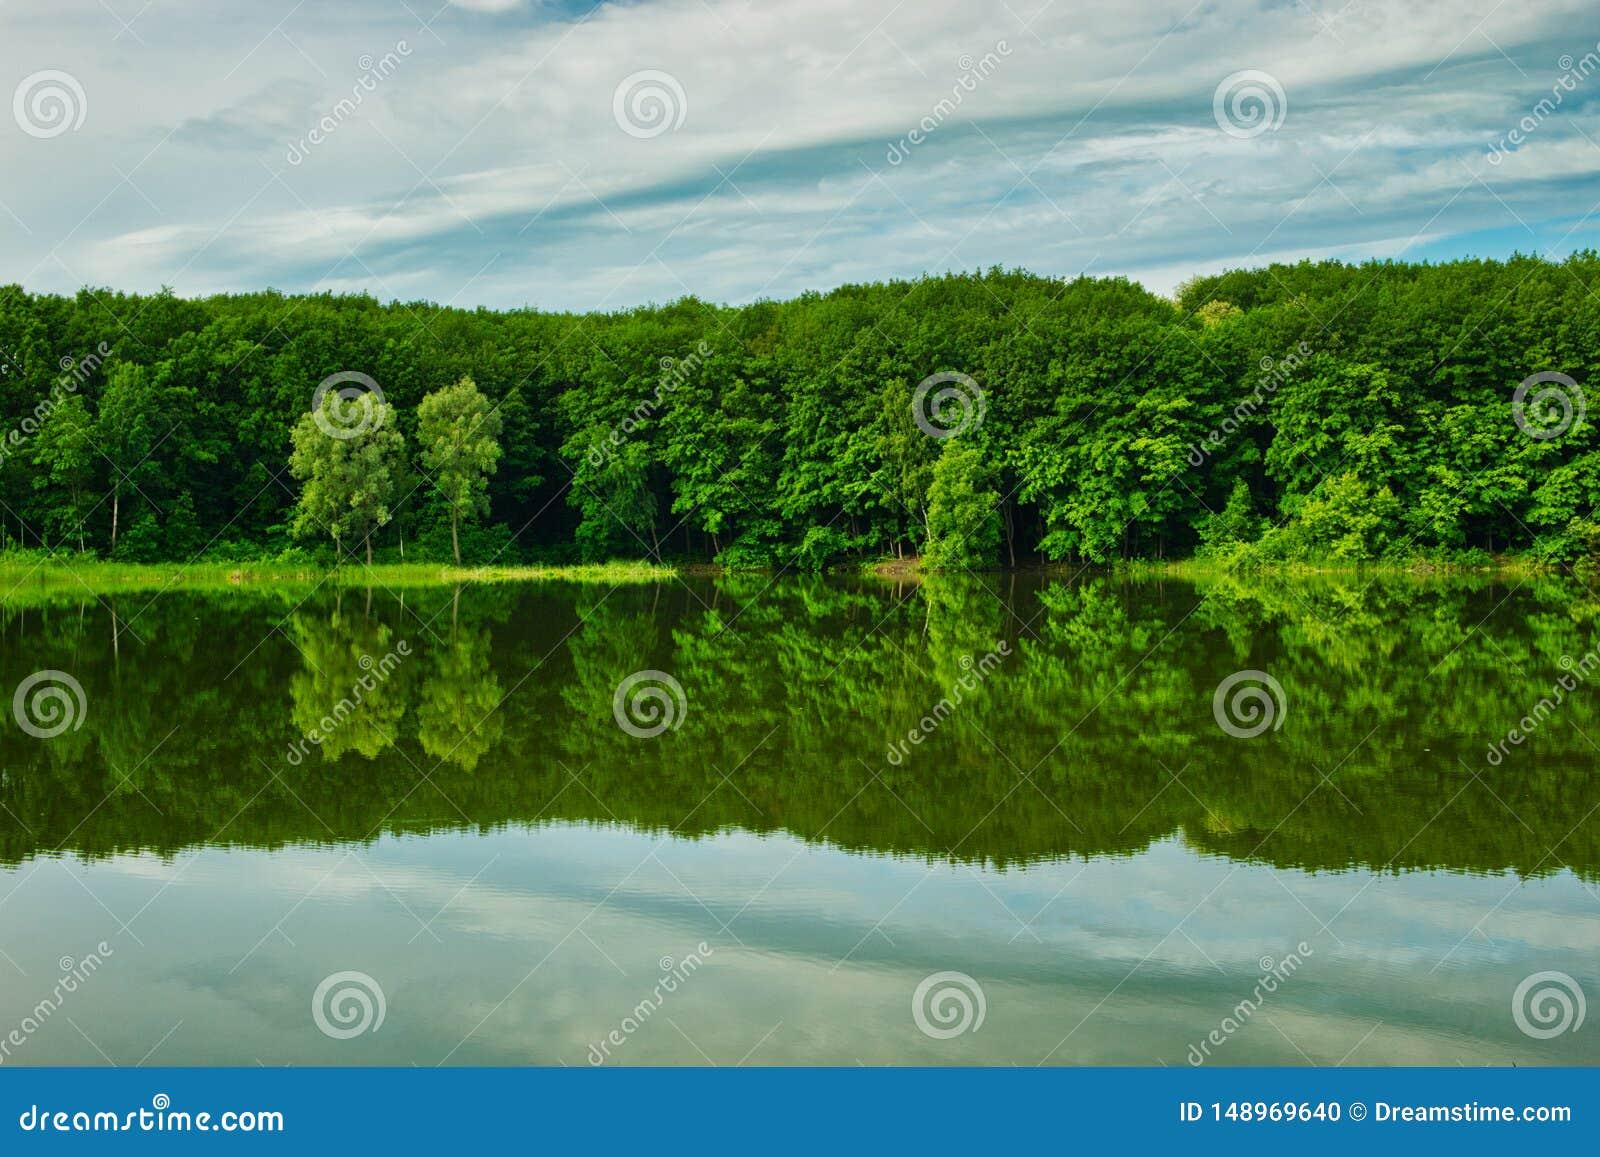 Bosque verde reflejado en el lago